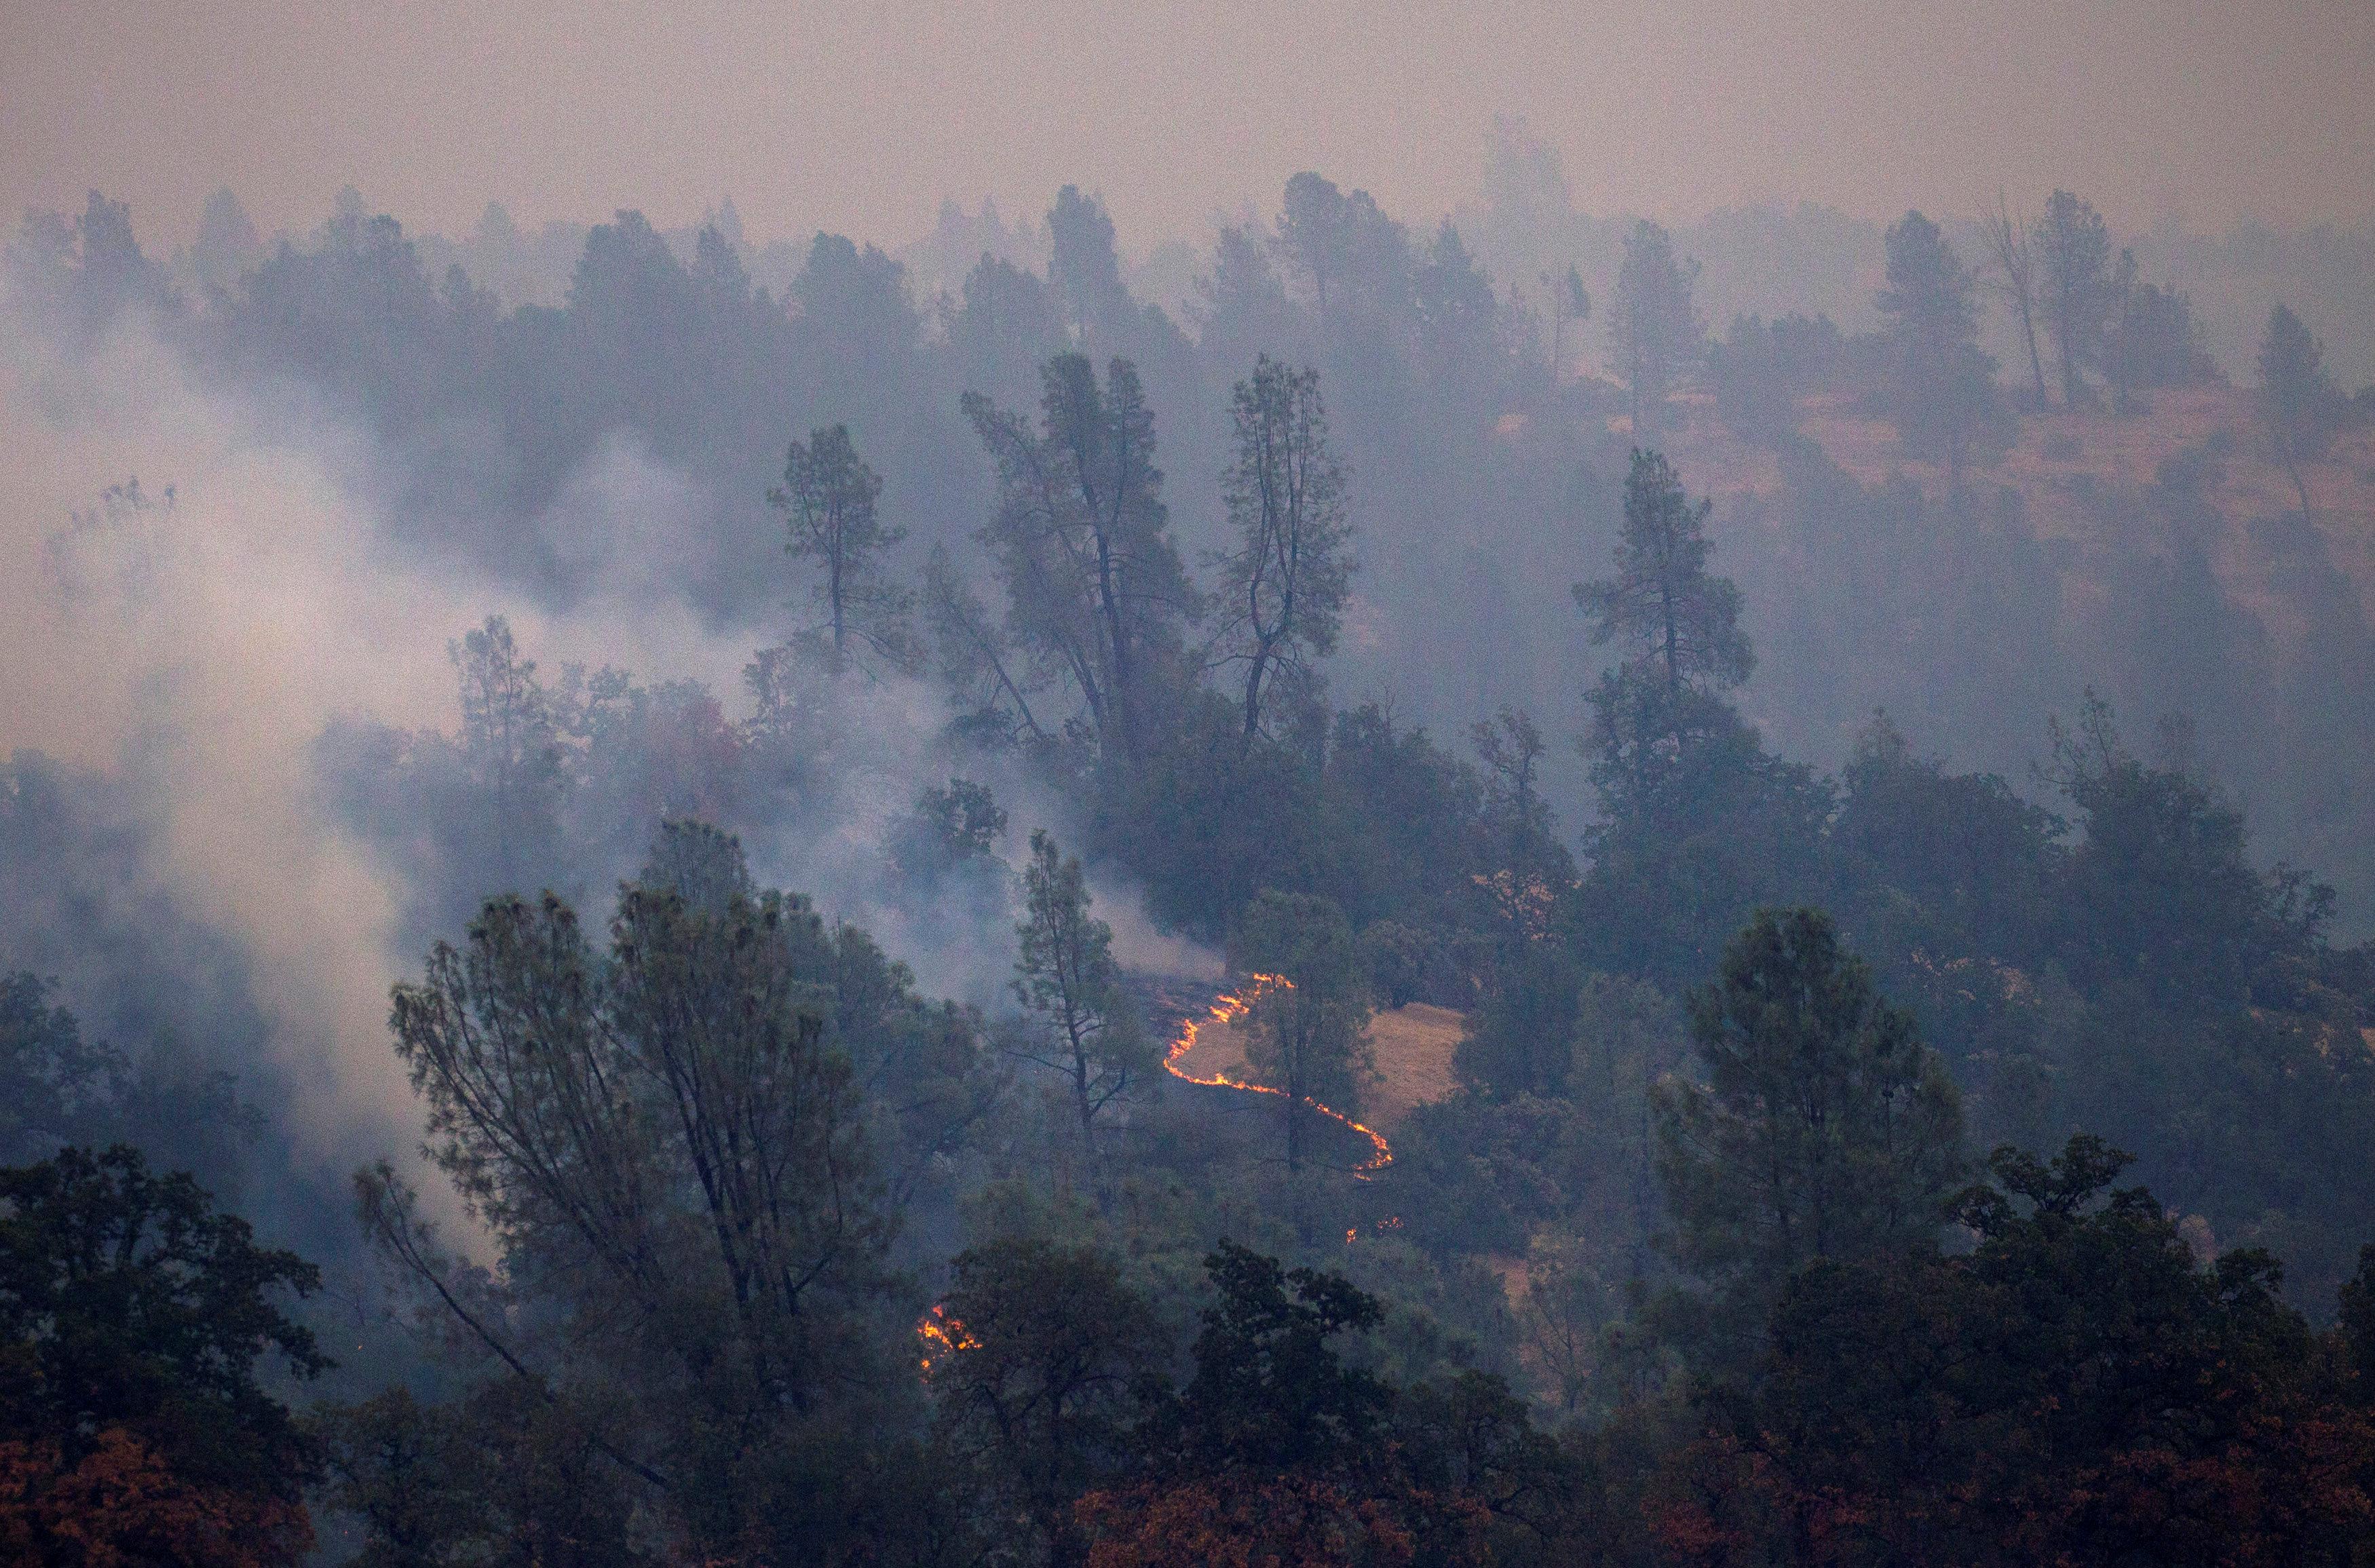 Vista del incendio en Redding (Reuters/ Bob Strong)